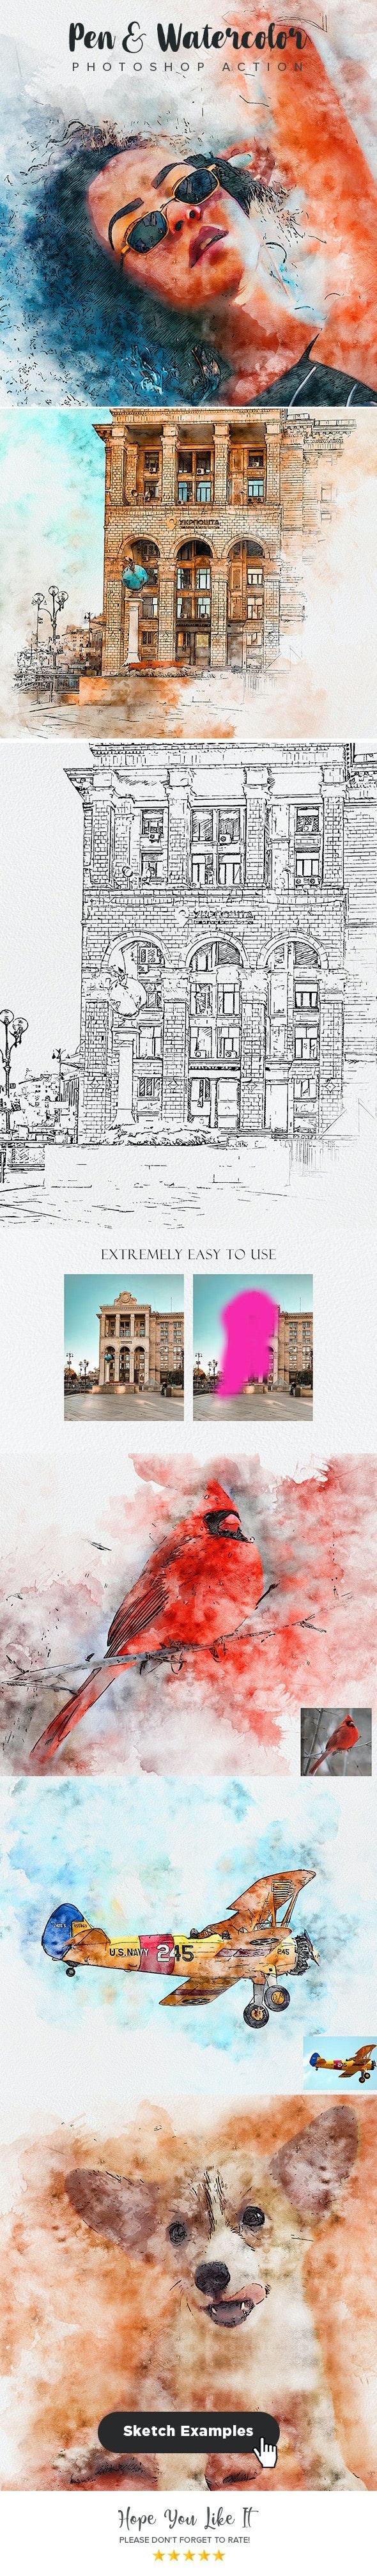 Pen & Watercolor Photoshop Action - Actions Photoshop